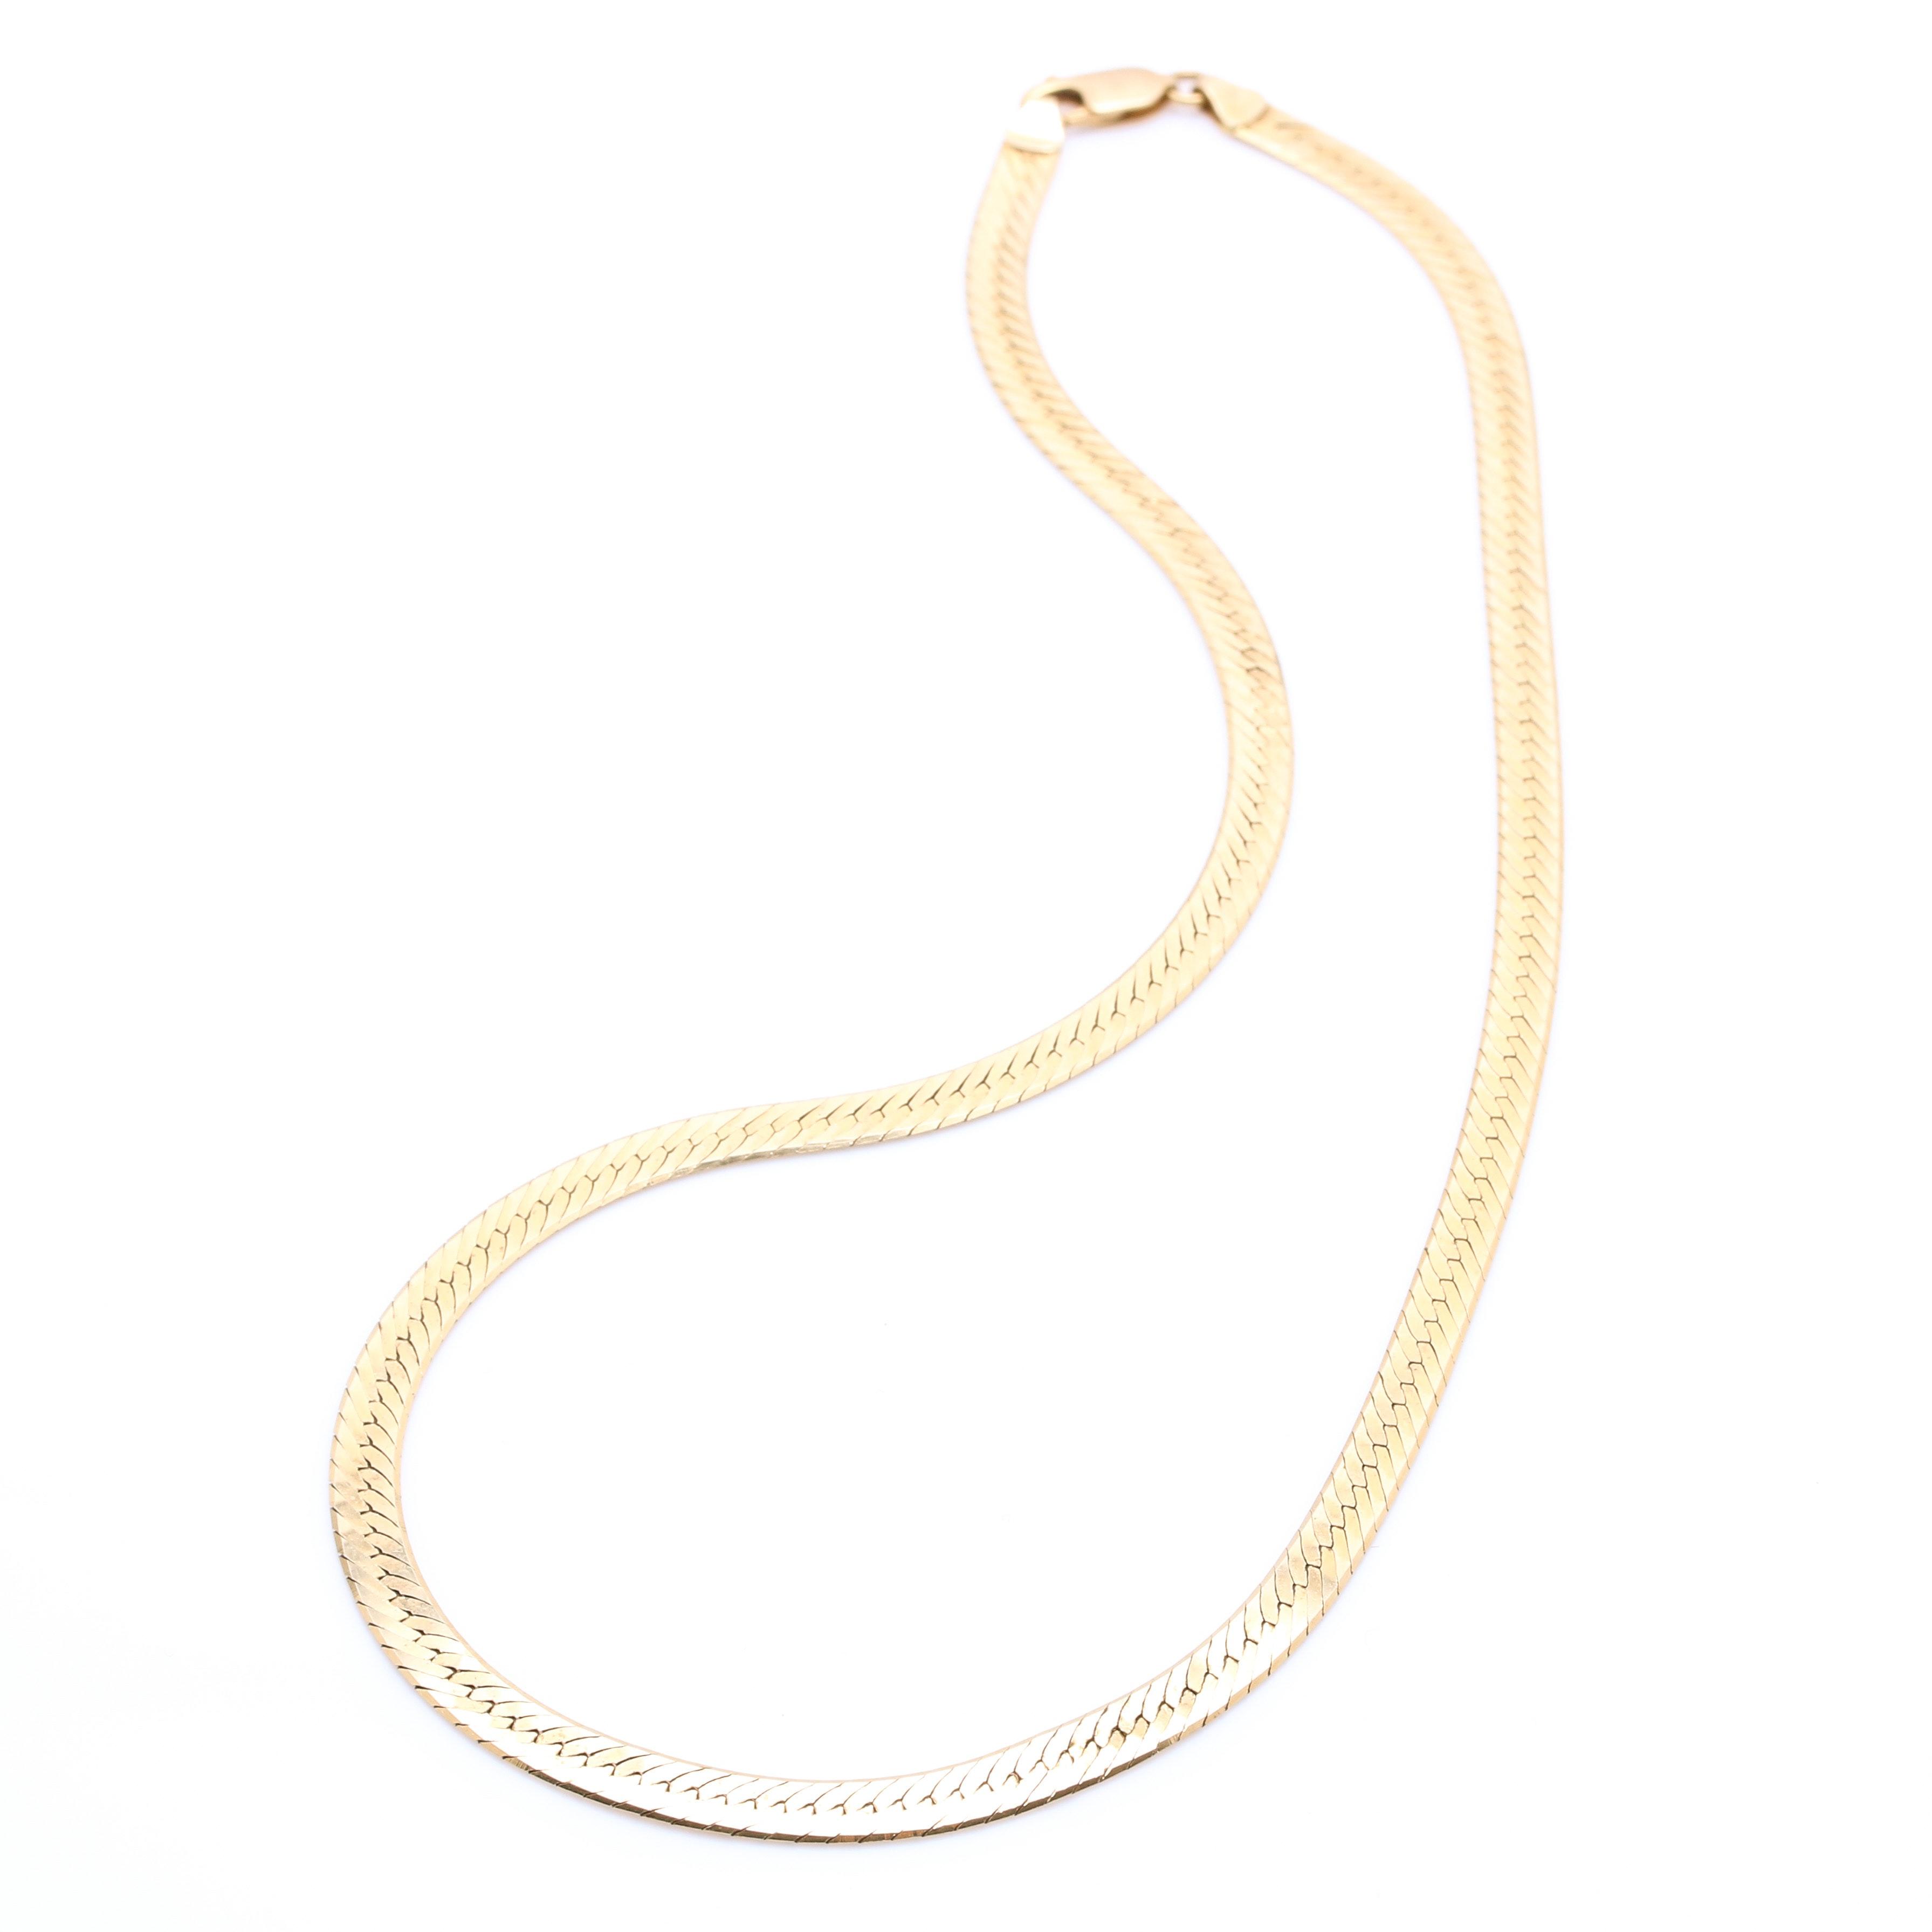 14K Yellow Gold Herringbone Chain Necklace